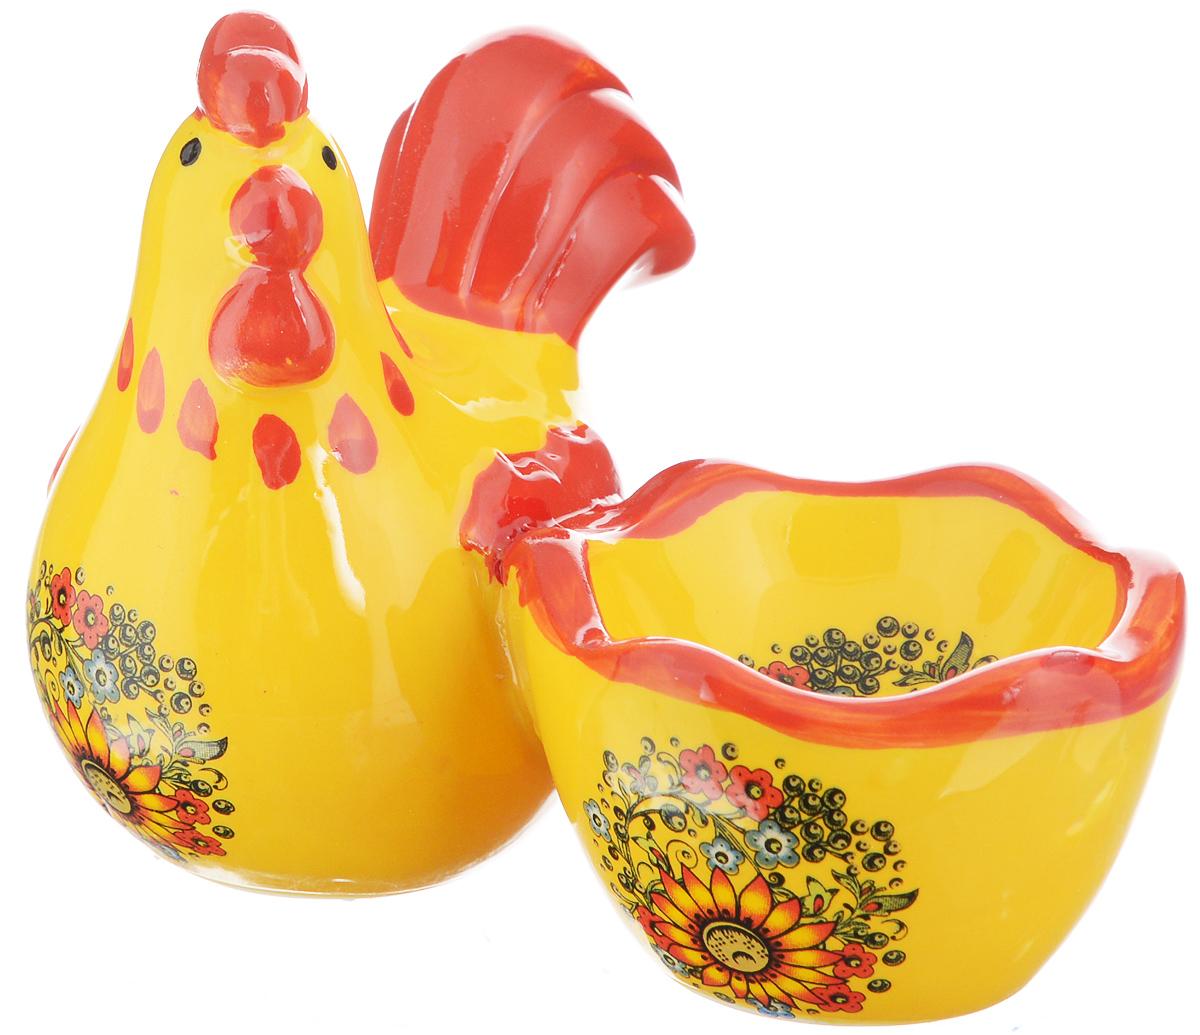 Подставка под яйцо Home Queen Узорная. 64252 подставка под яйца home queen цвет желтый оранжевый 2 ячейки